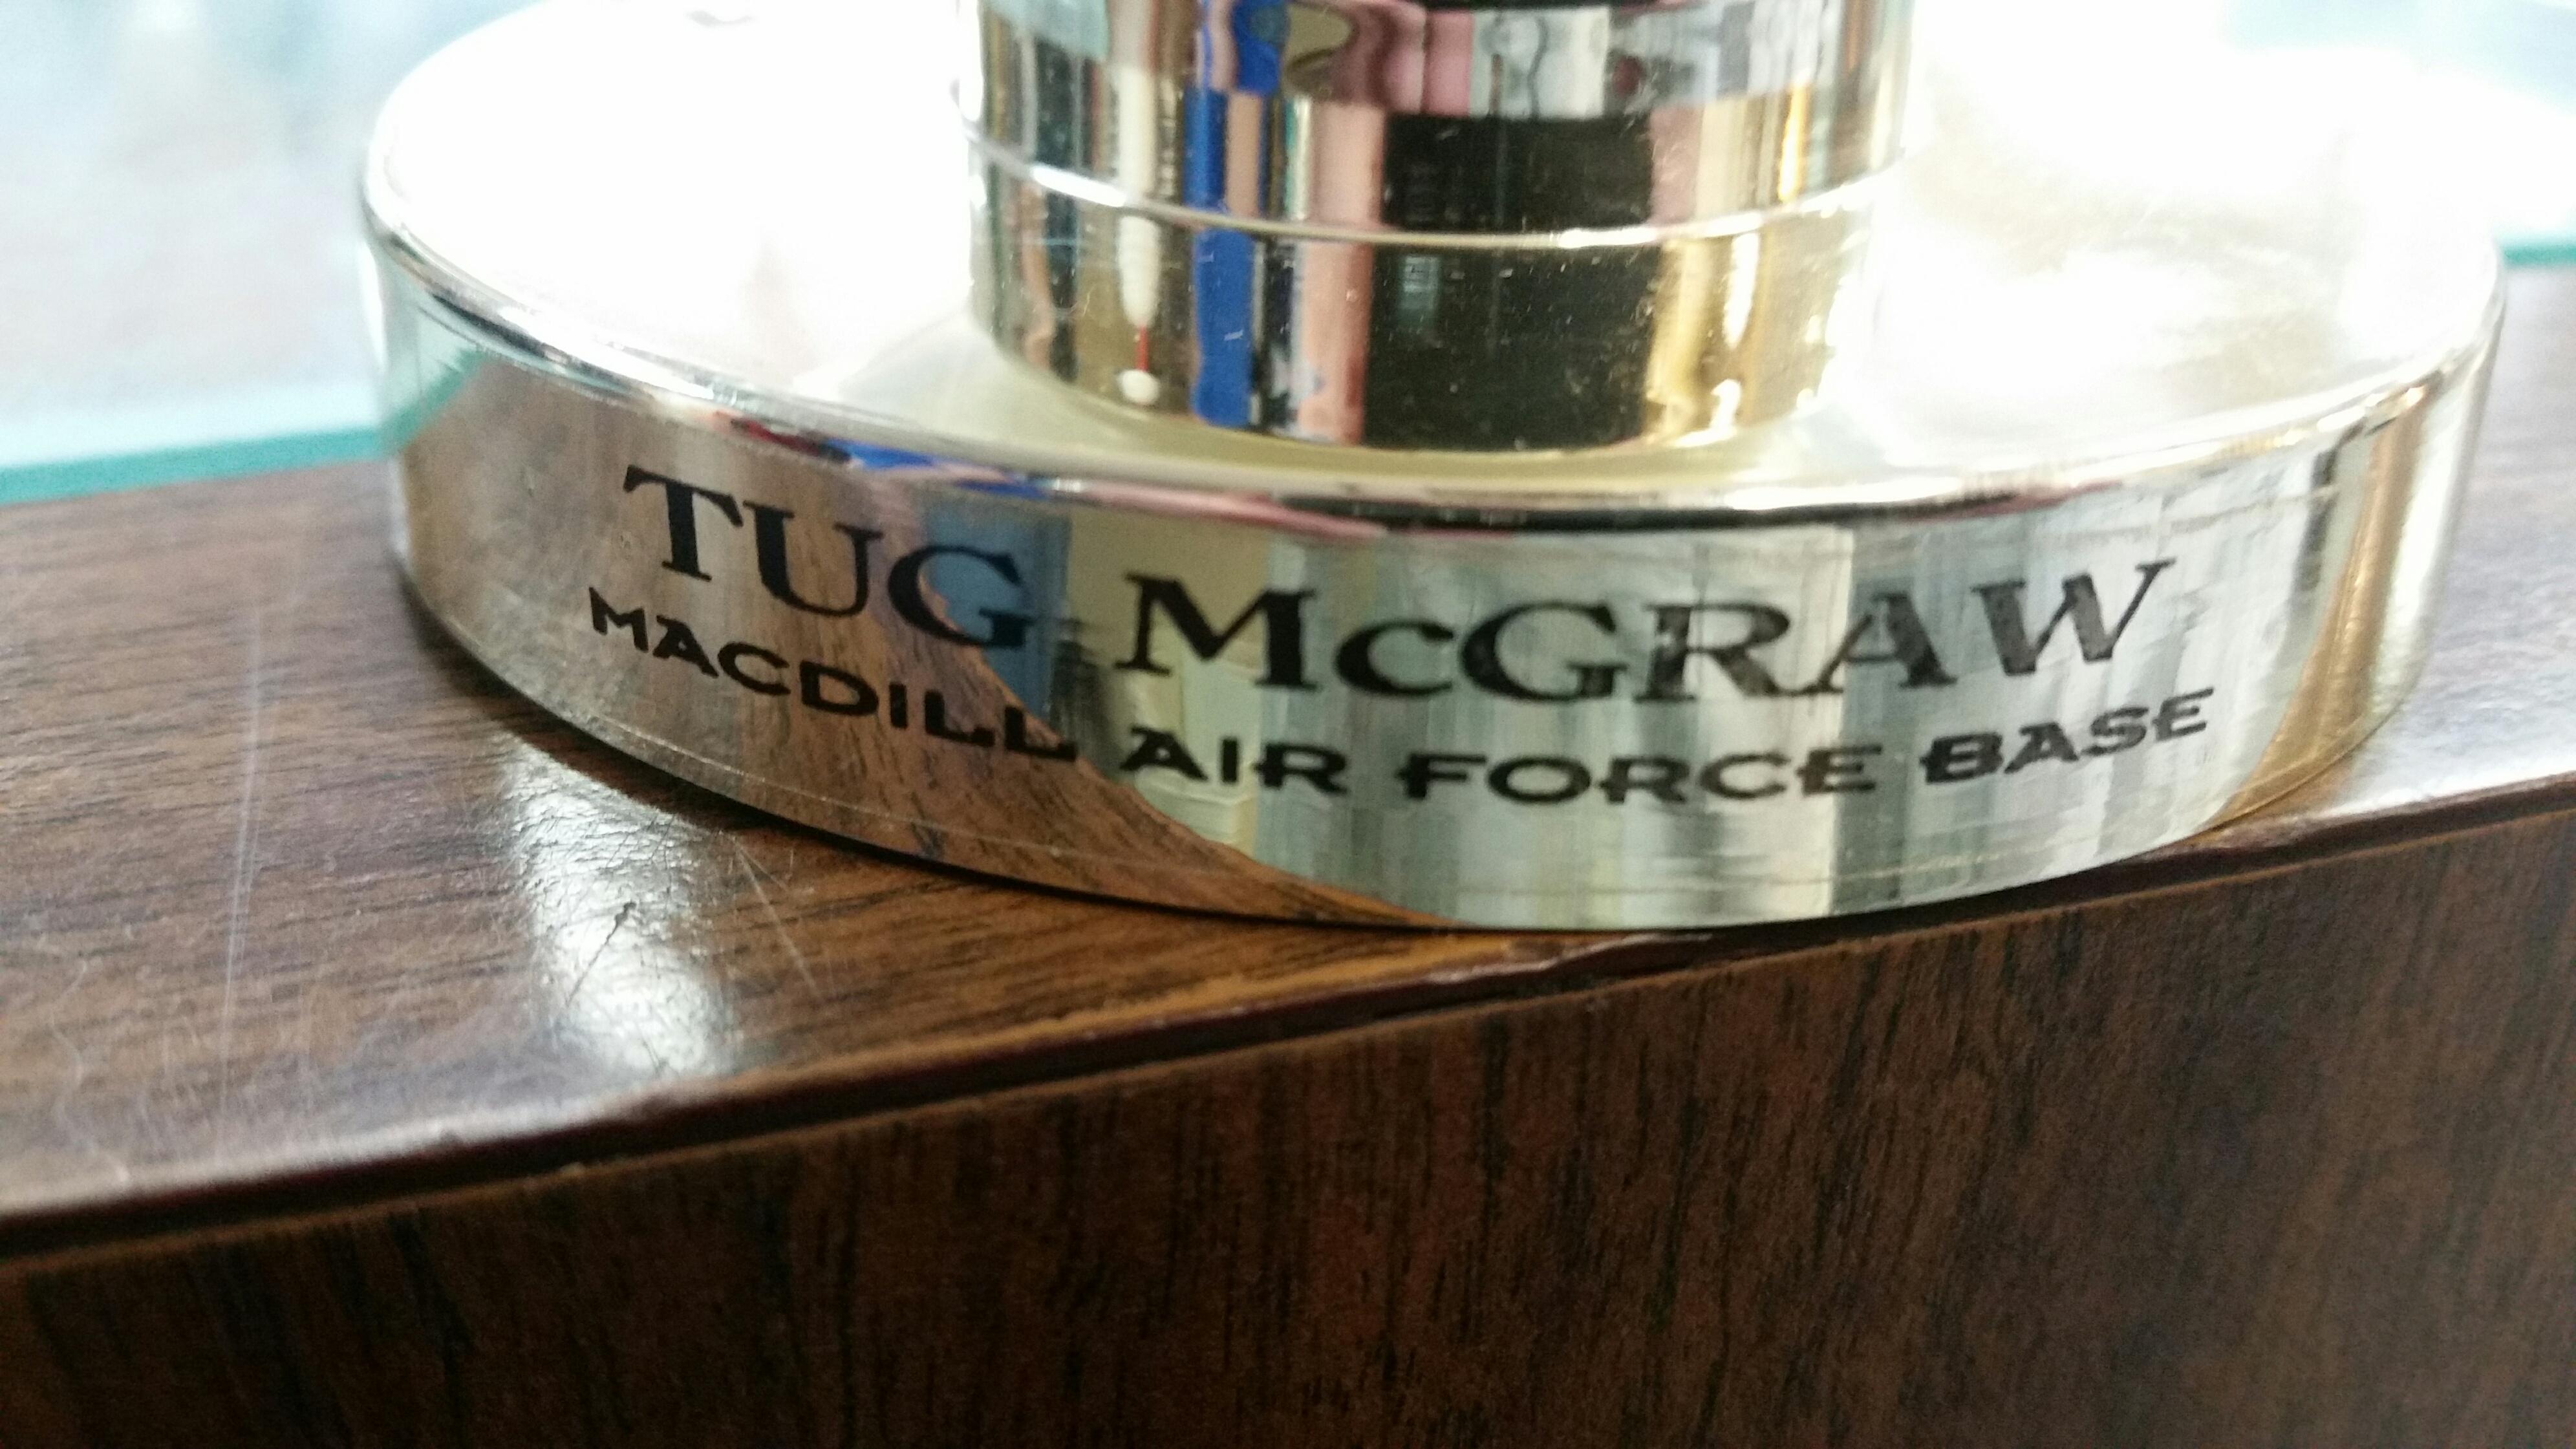 Tug McGraw 2